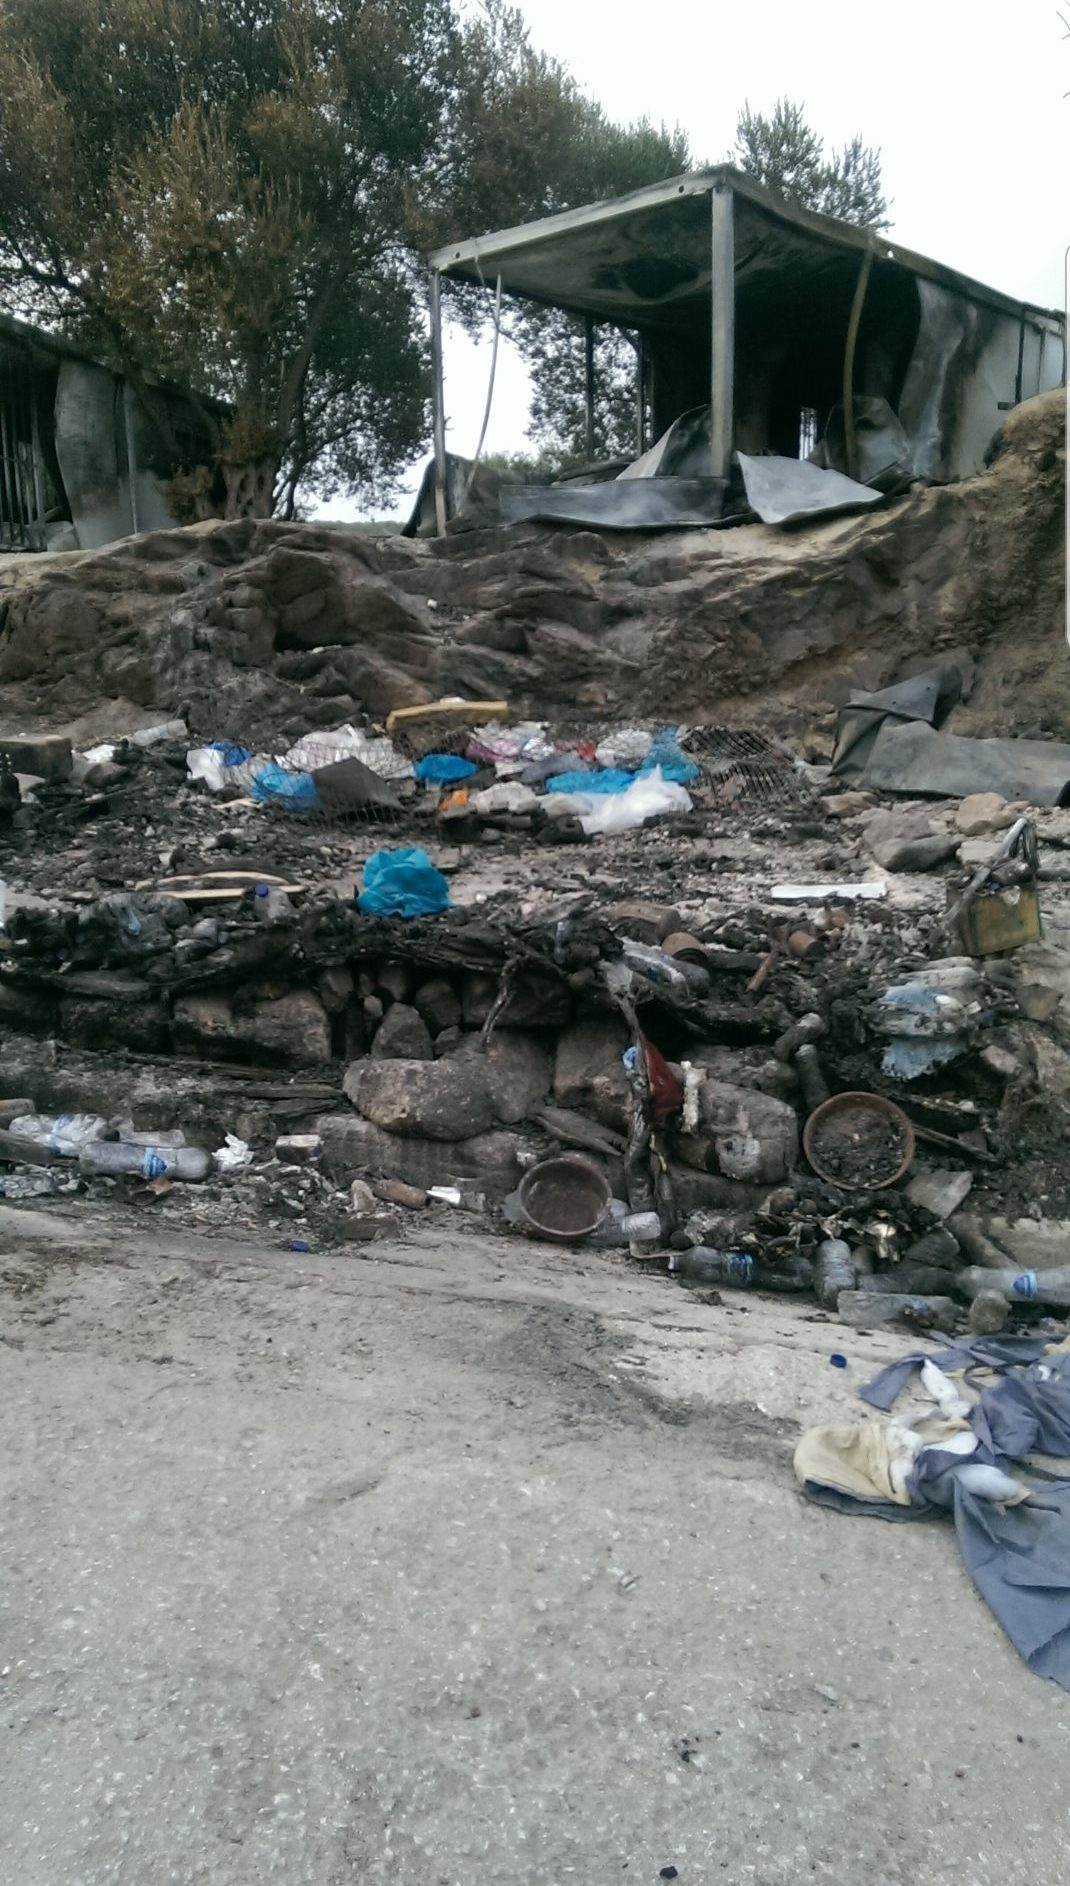 """1. Bild: ausgebrannter Container im """"Jungle"""" vor dem auch noch nach dem Brand das Ausmaß des Plastikproblems deutlich zu sehen ist."""